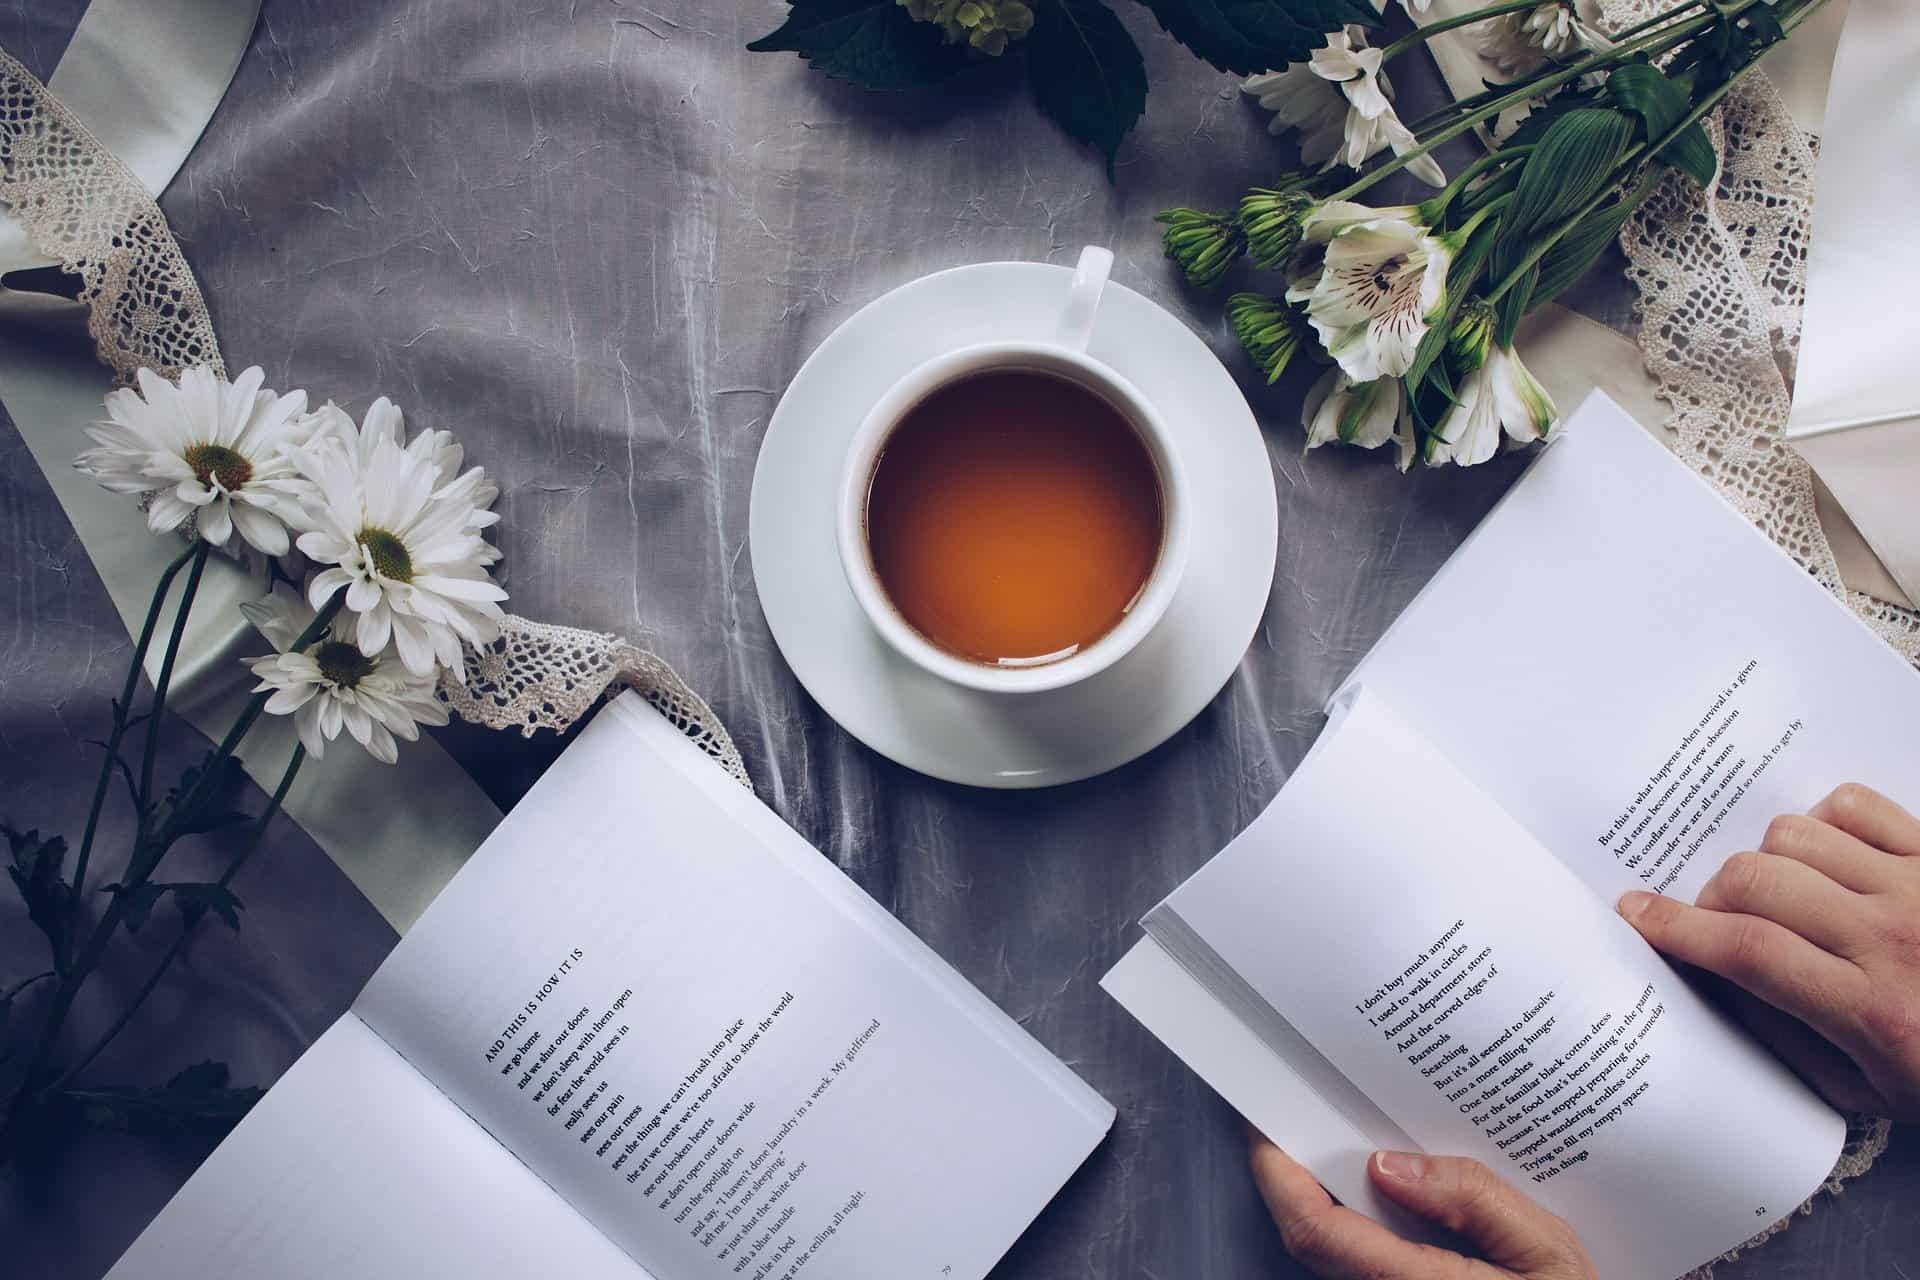 La poesia aiuta a vivere meglio